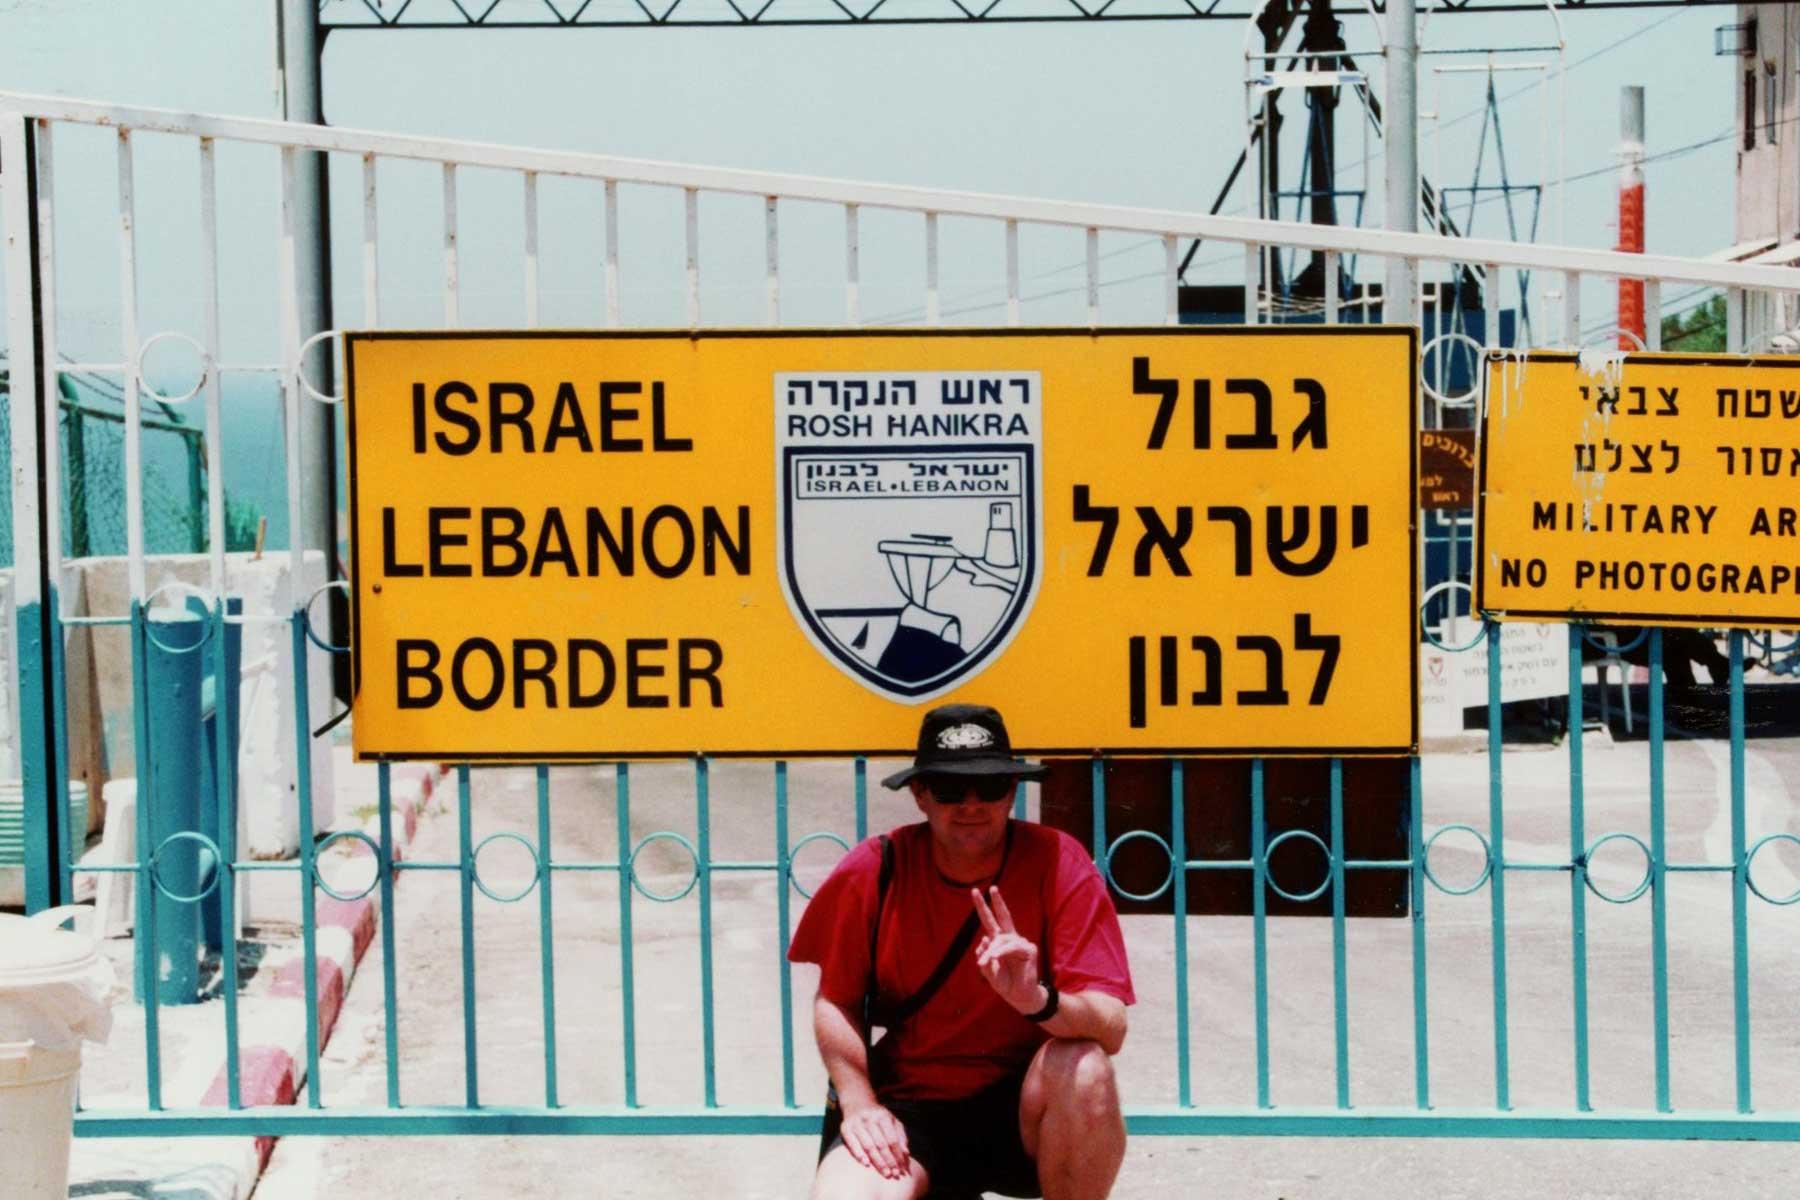 Israel Lebanon Border | Rosh Hanikra | Dr Steven A Martin | International Education Online | Steven Andrew Martin